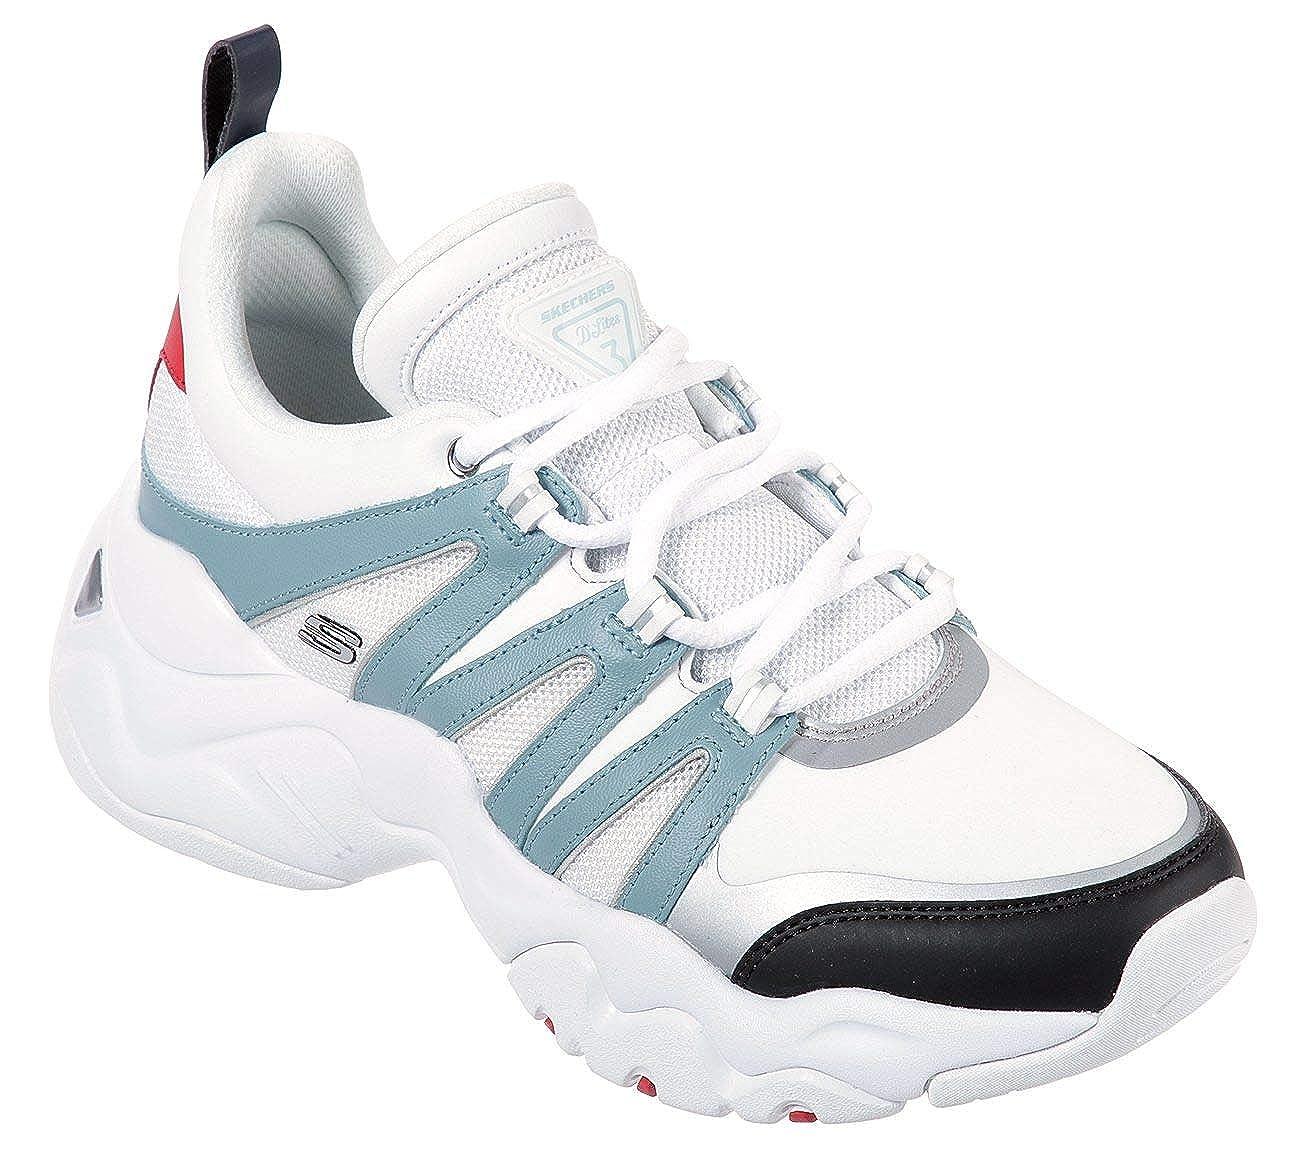 Skechers D'Lites 3.0  Trendy Feels 12957WBLR Turnschuhe Turnschuhe Turnschuhe 17ddb4